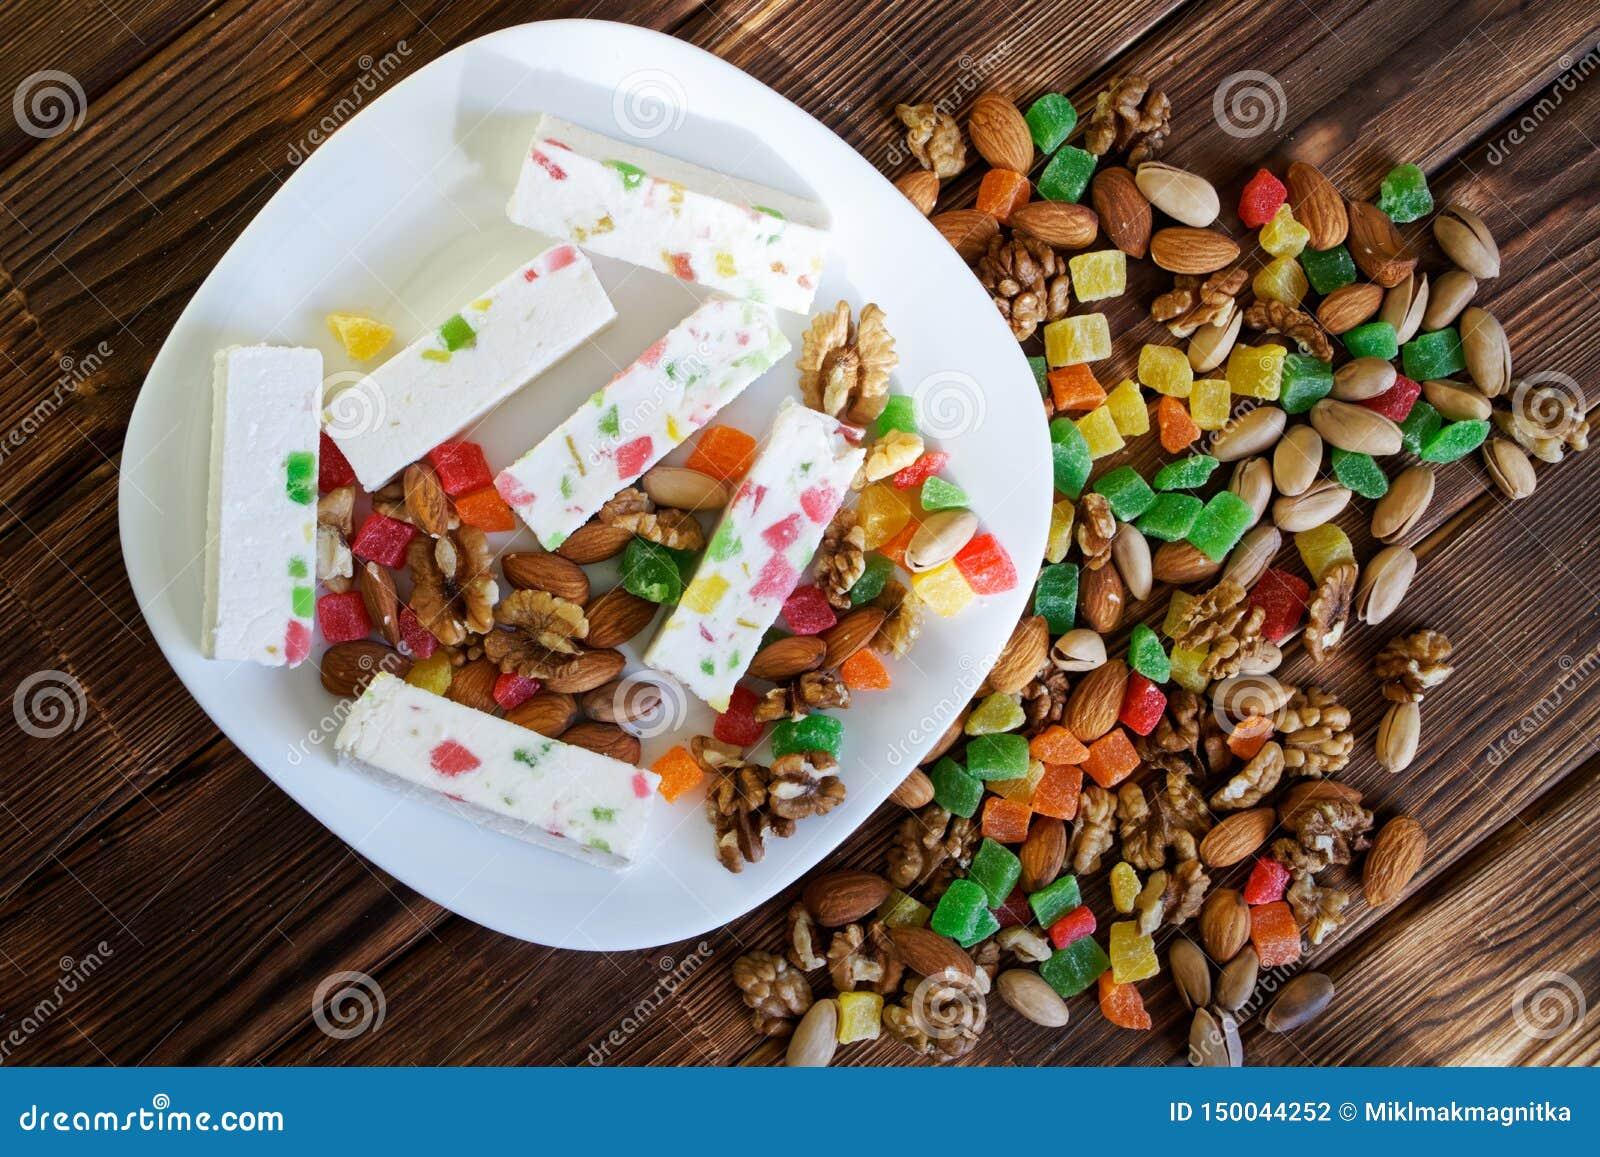 东部甜点:在脯、开心果、杏仁和核桃旁边的白色喉片 全国阿拉伯盘